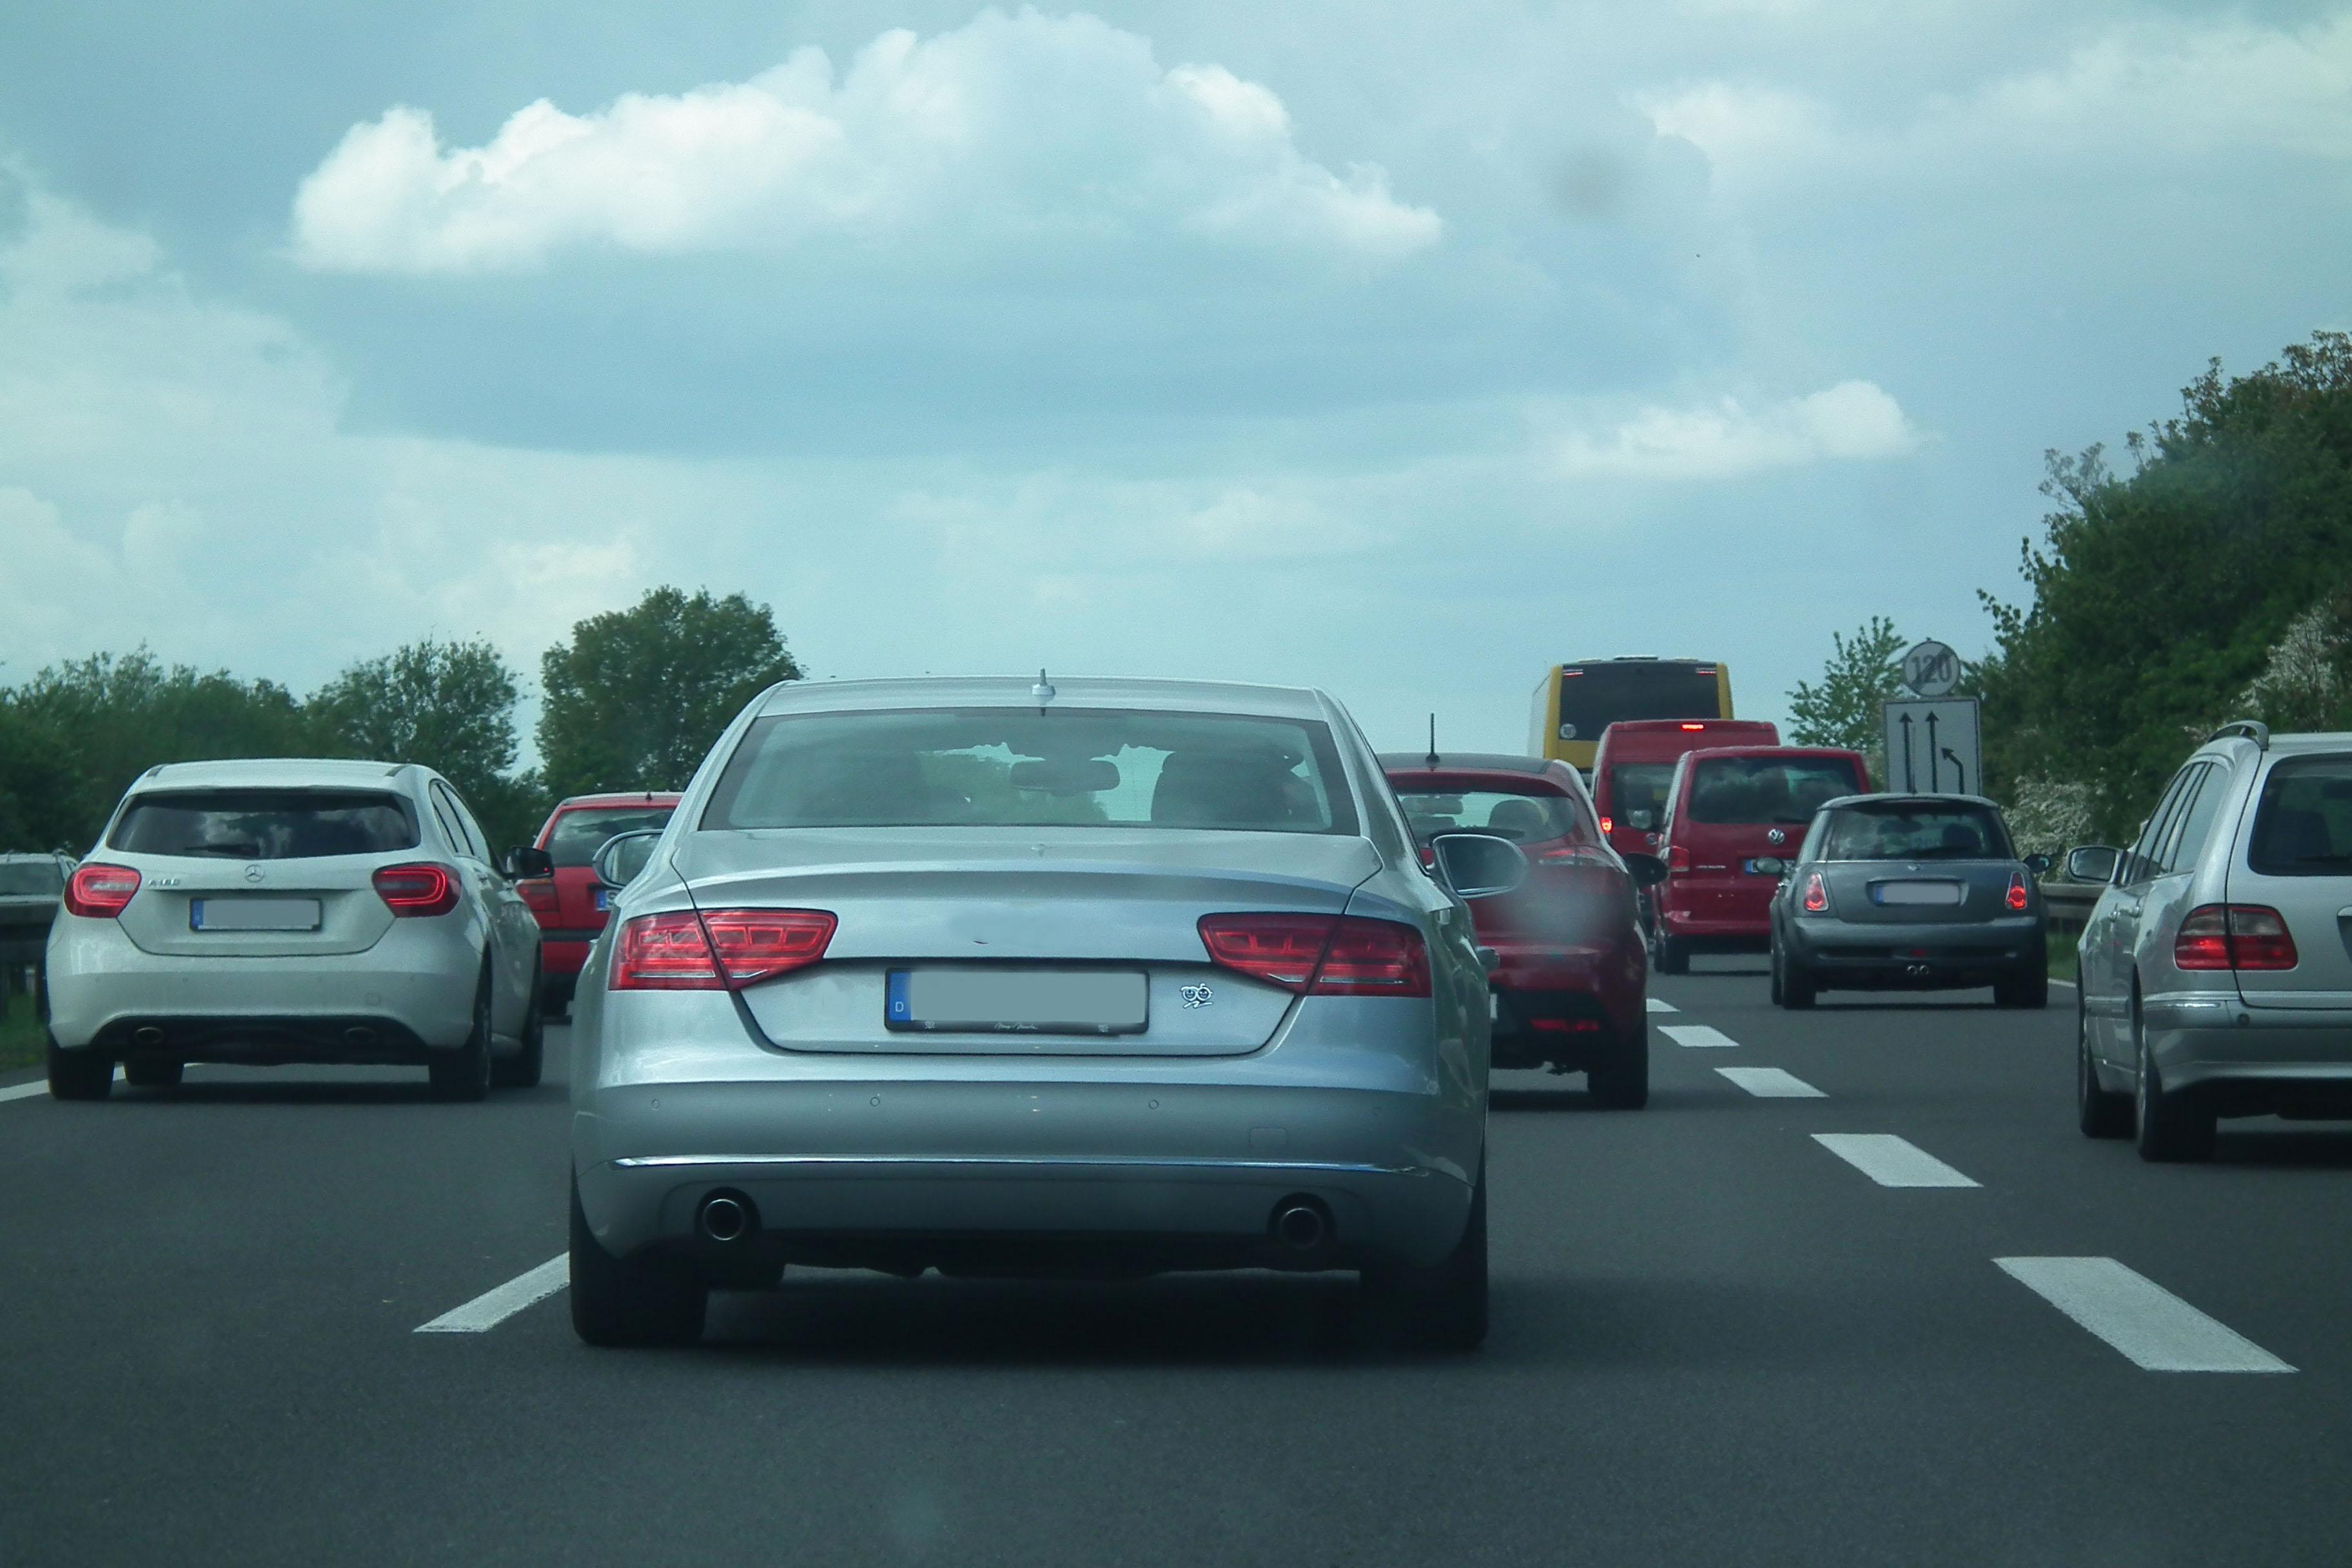 Vorsicht bei Seitenwind im Straßenverkehr